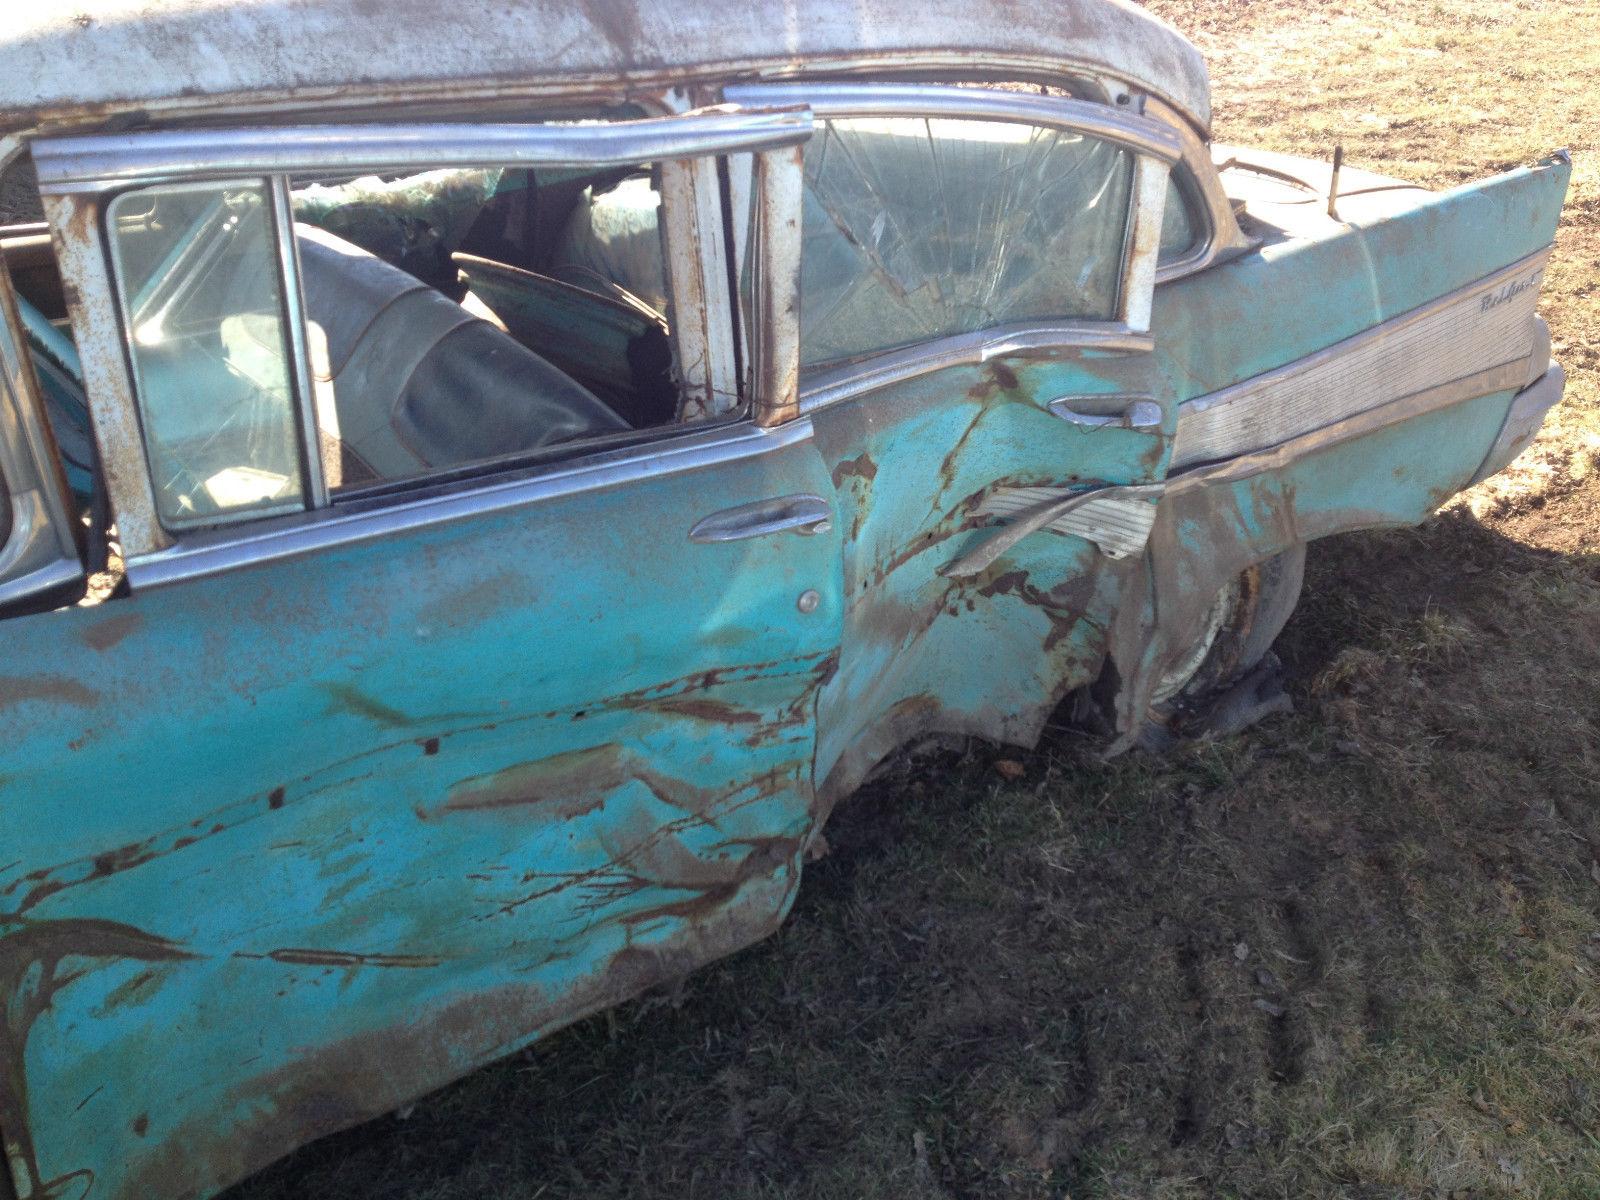 1957 Chevy Bel Air 4 door parts car hit on left side no